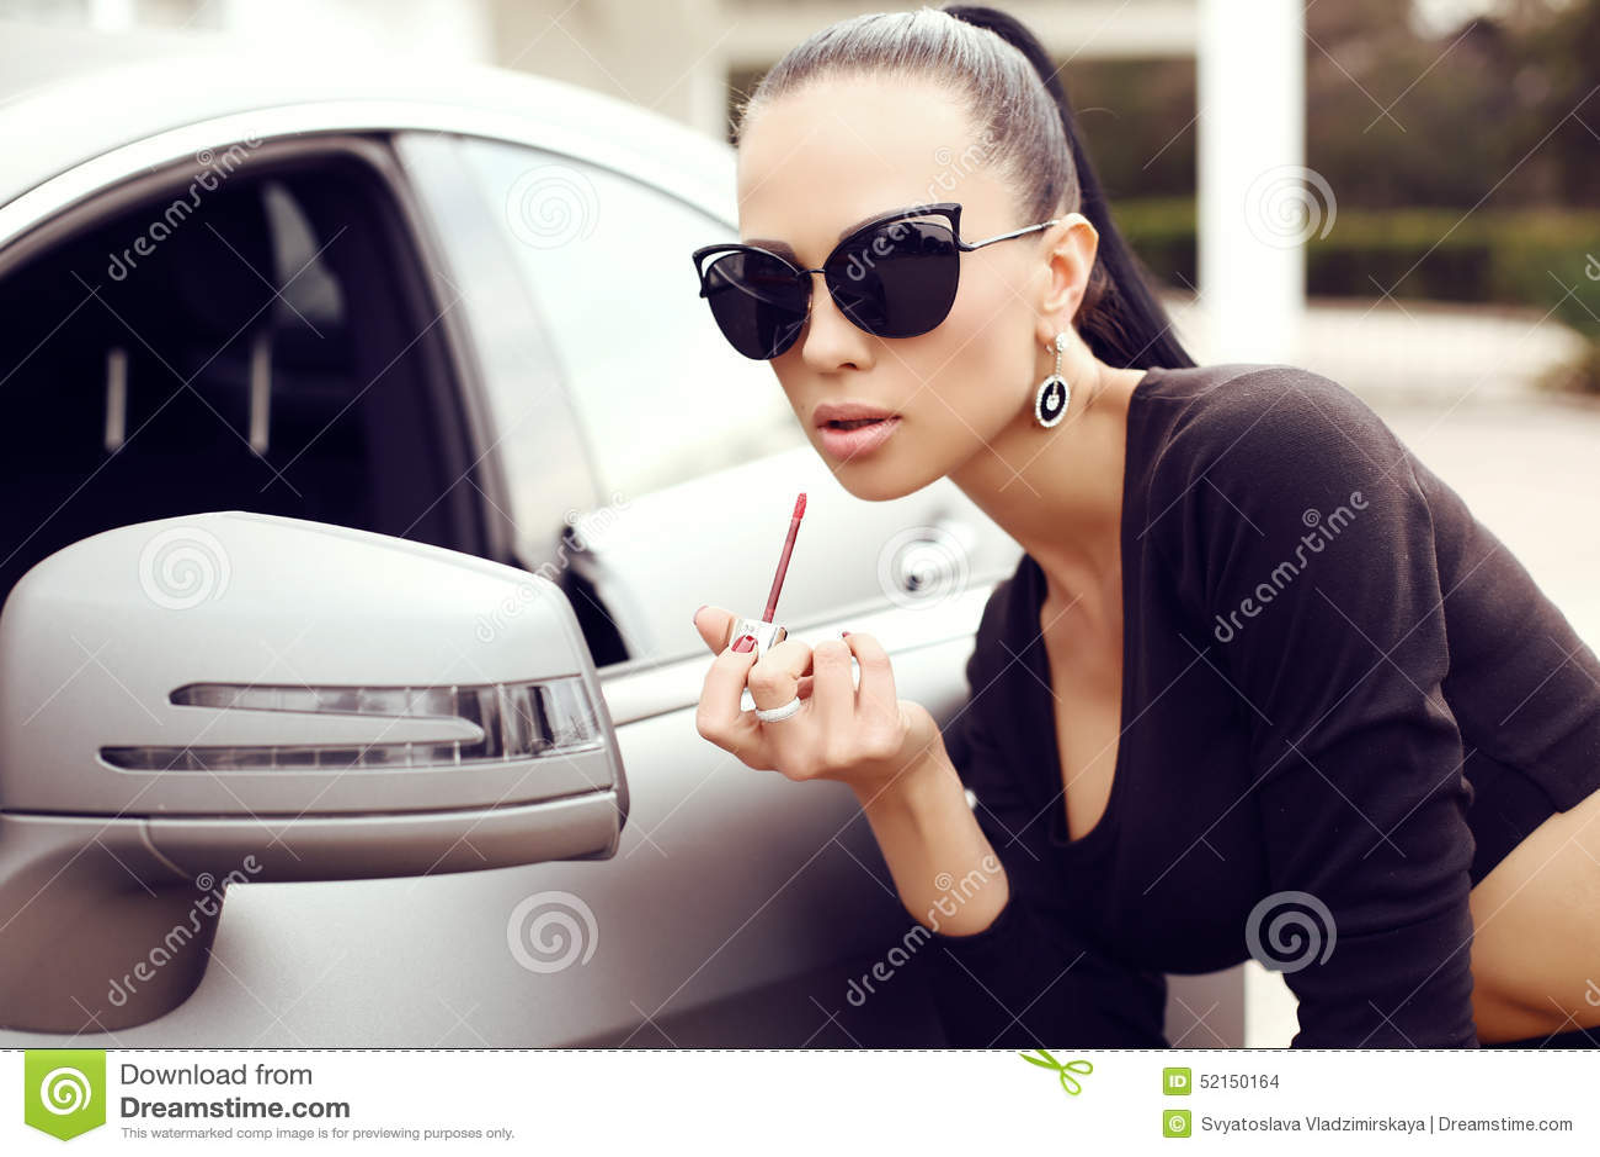 b1d2bc6600ad Mujer Hermosa Atractiva Con El Pelo Oscuro Que Presenta Al Lado Del ...